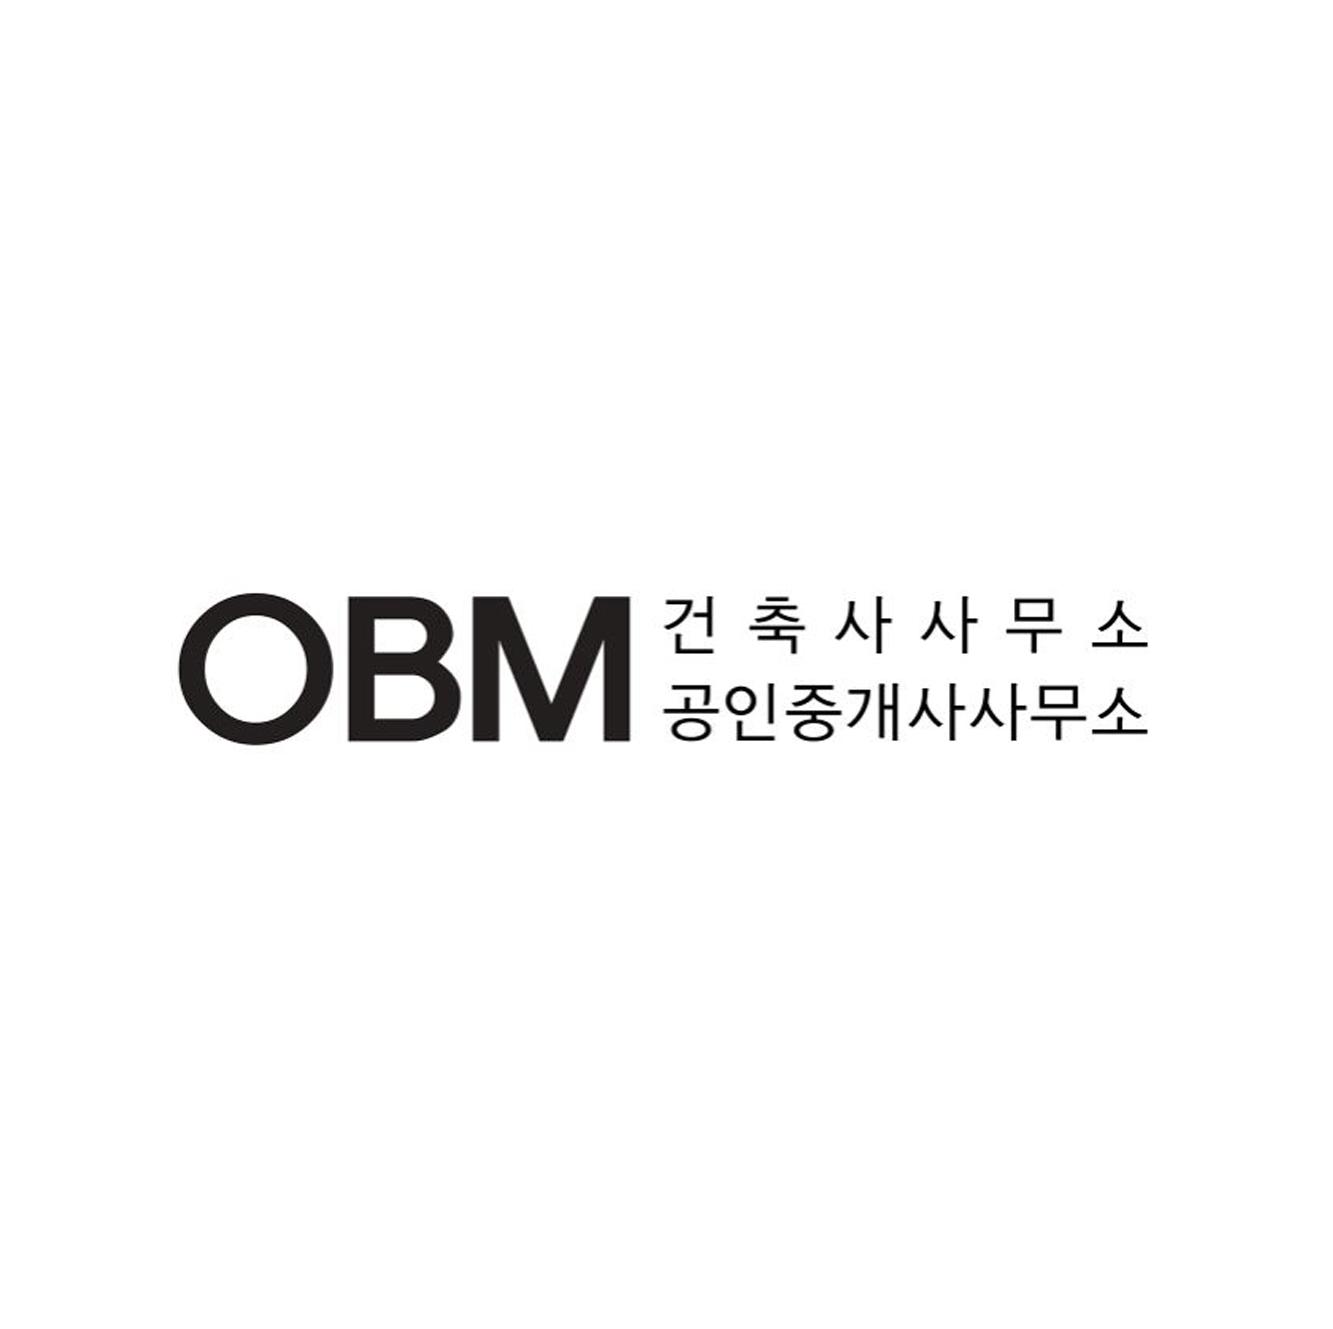 오비엠건축사사무소